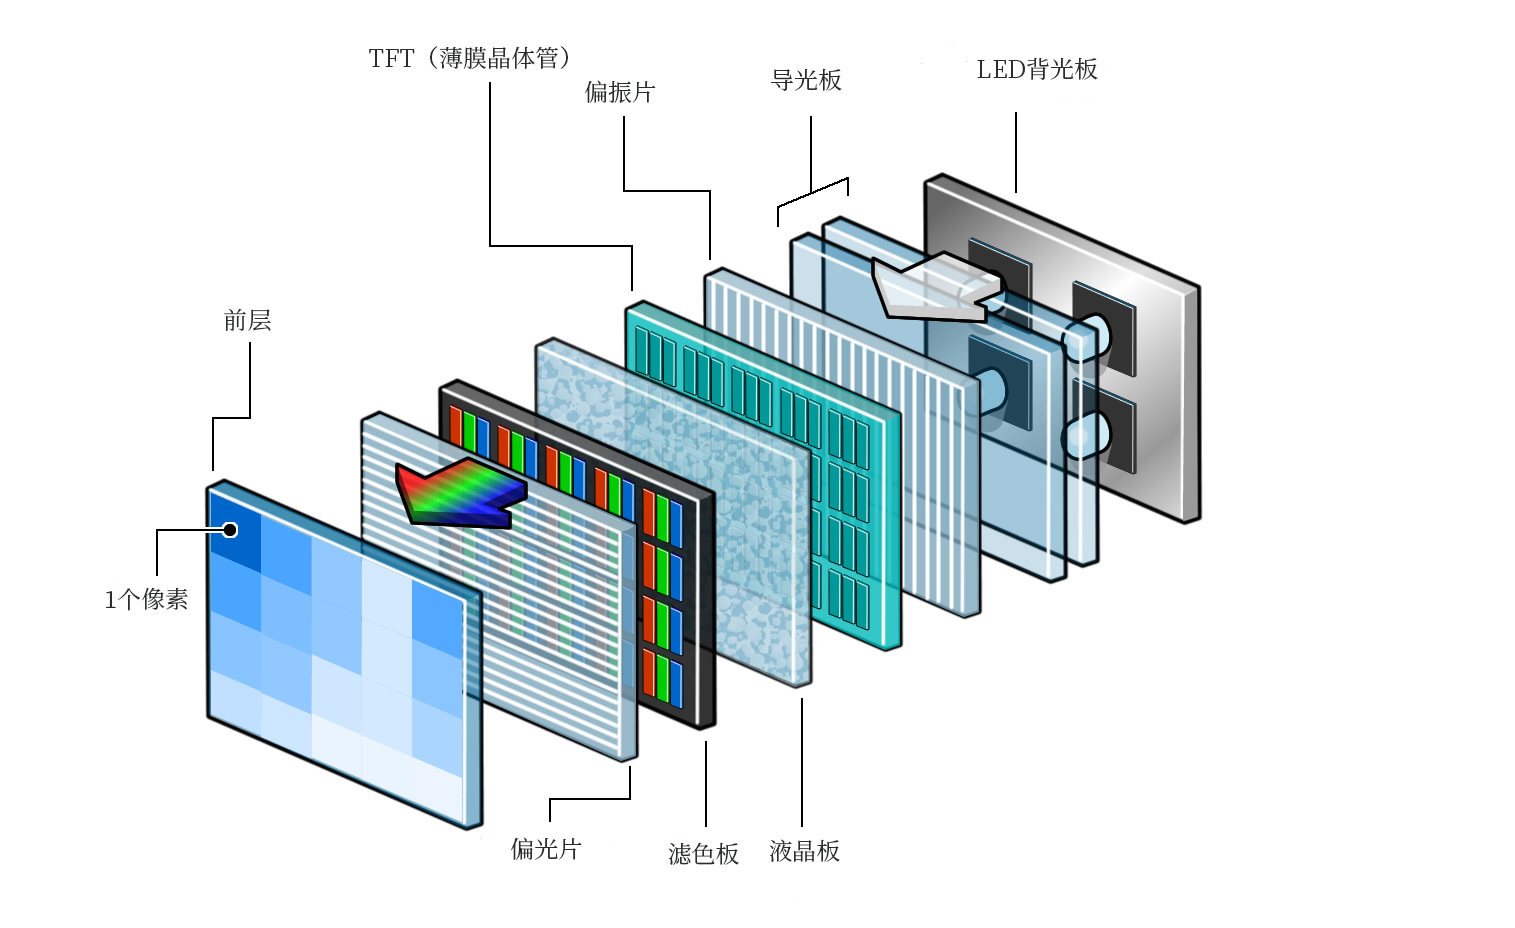 LED电视屏幕的结构和工作原理